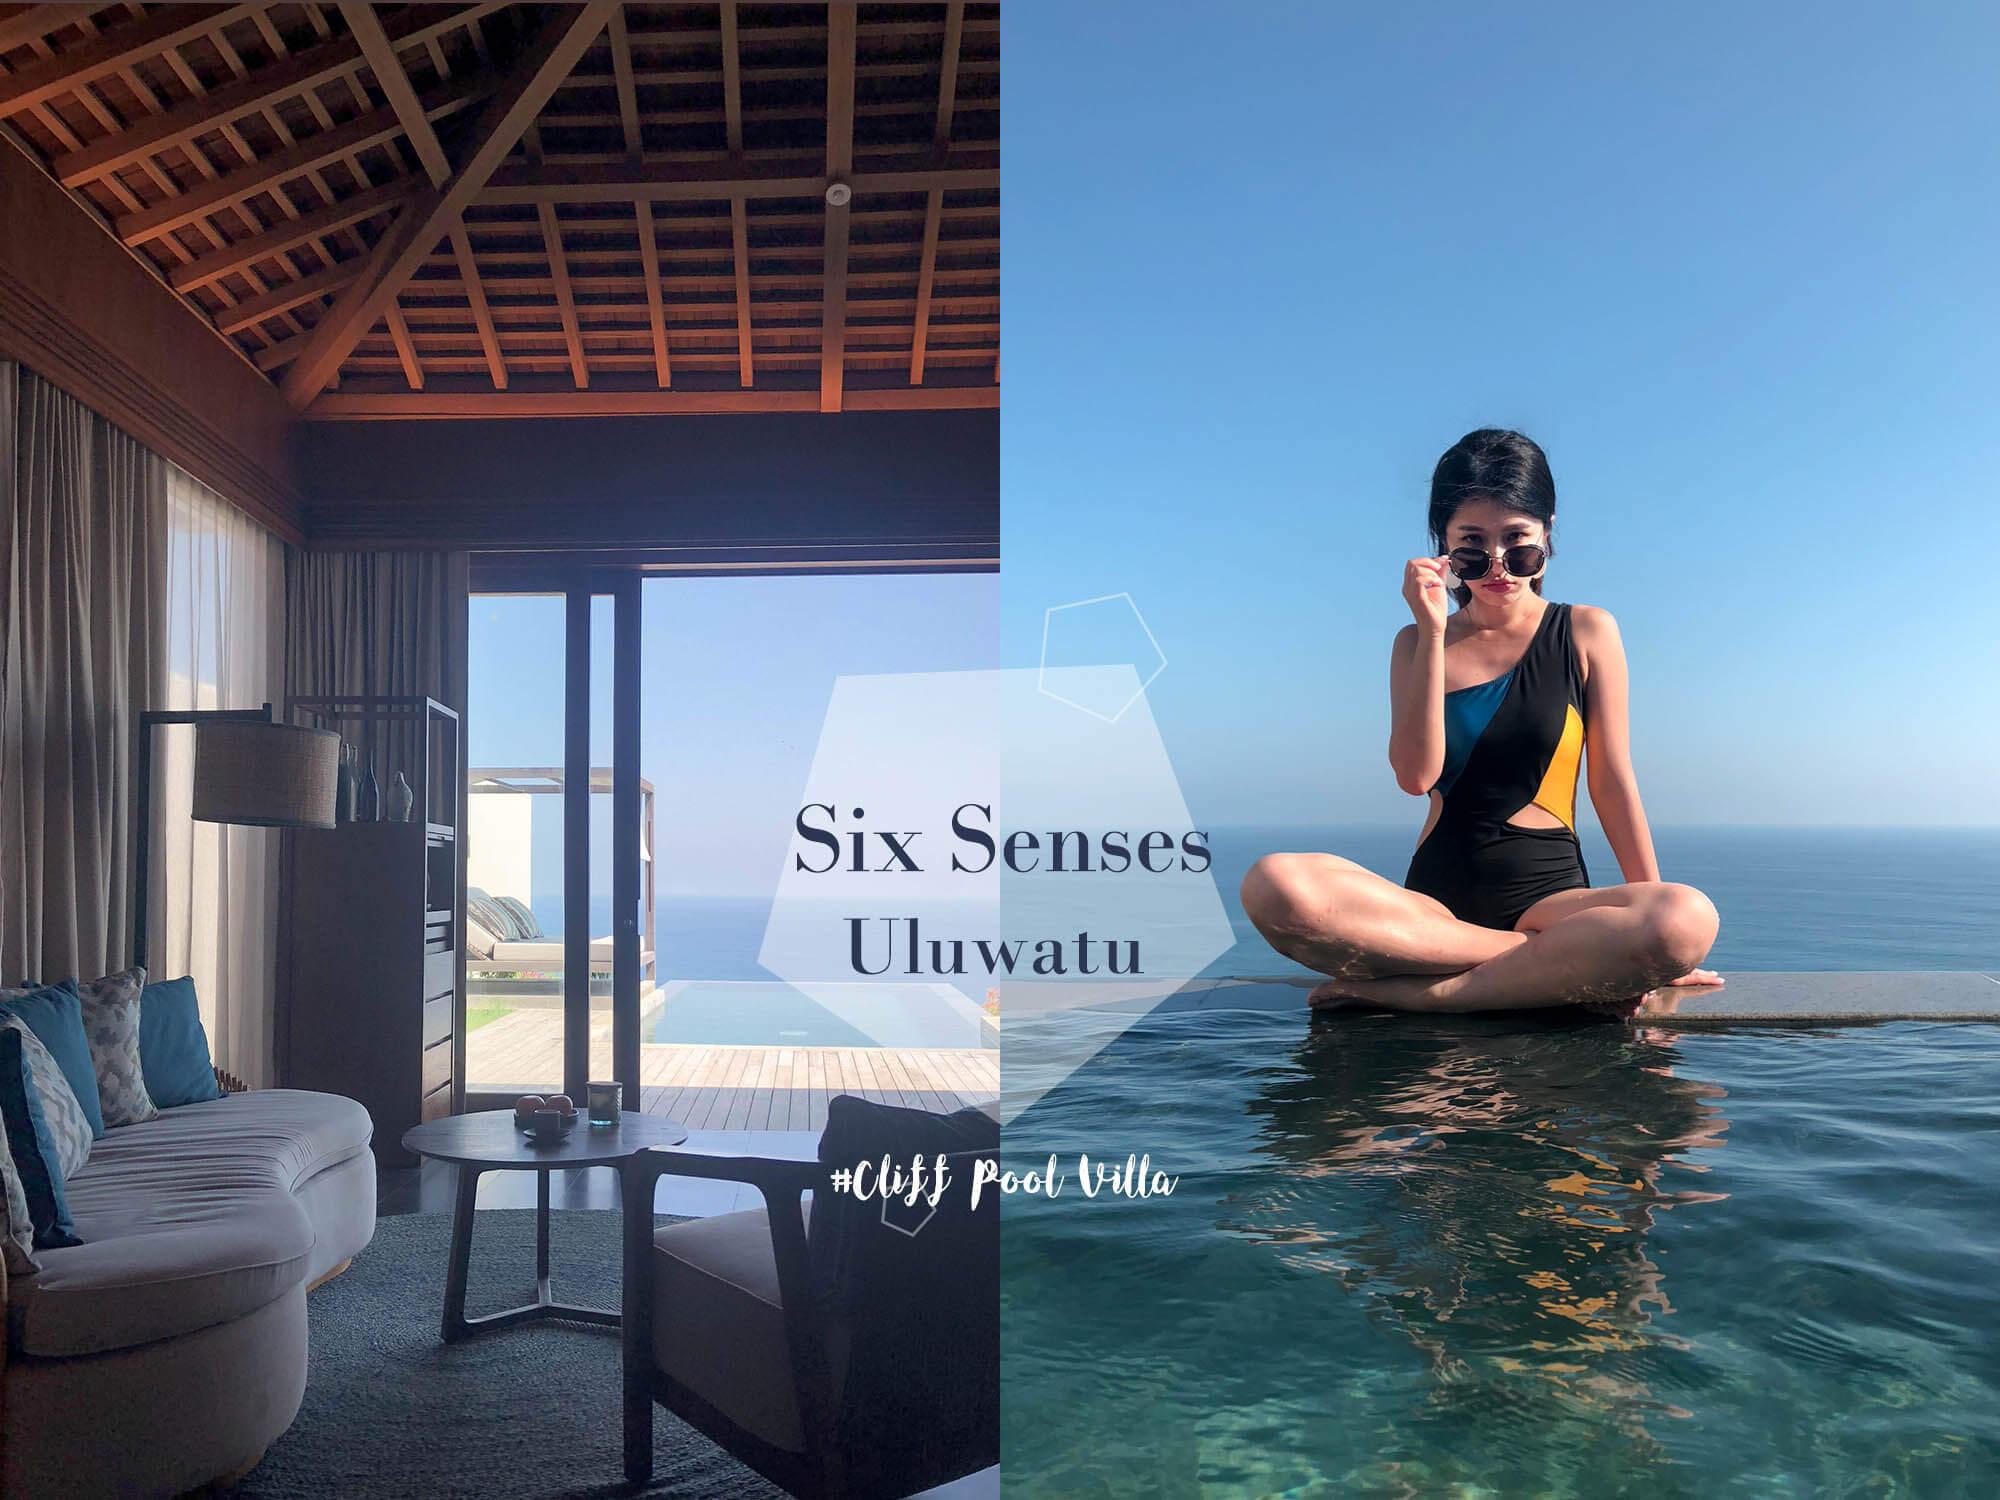 峇里島Villa|擁有自己的無邊際泳池!六感(六善)渡假村飯店Six Senses Uluwatu-Cliff Pool Villa住宿推薦!